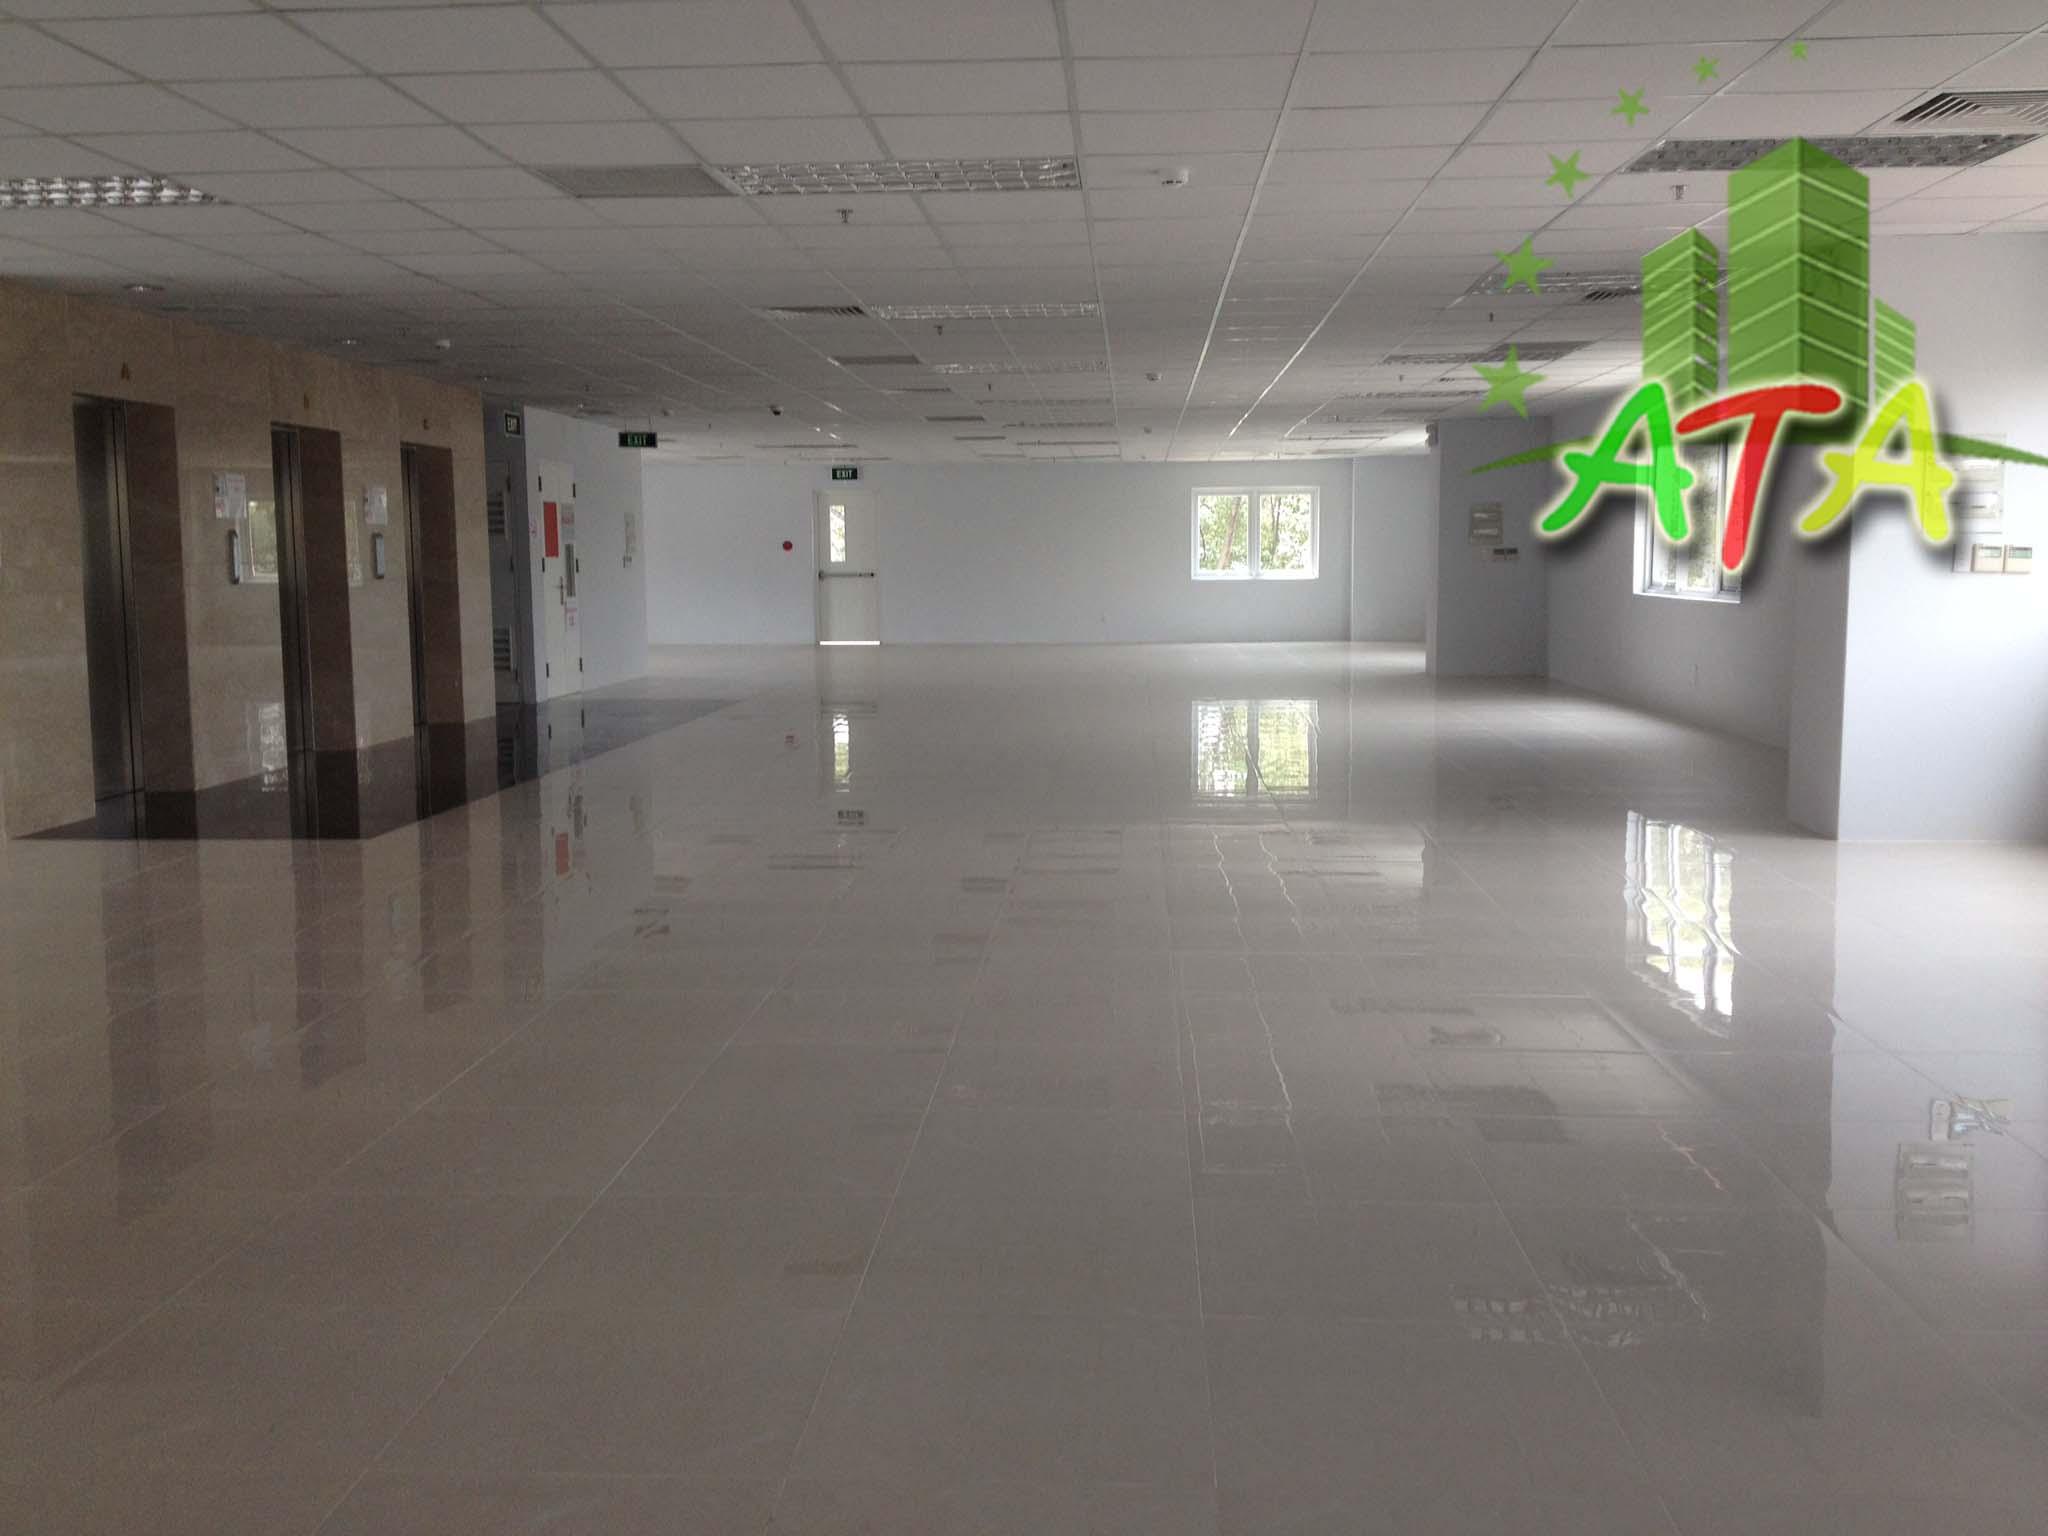 Văn phòng MT đường Hoàng Văn Thụ (Trương Quốc Dung) 150 m2 = 18 triệu